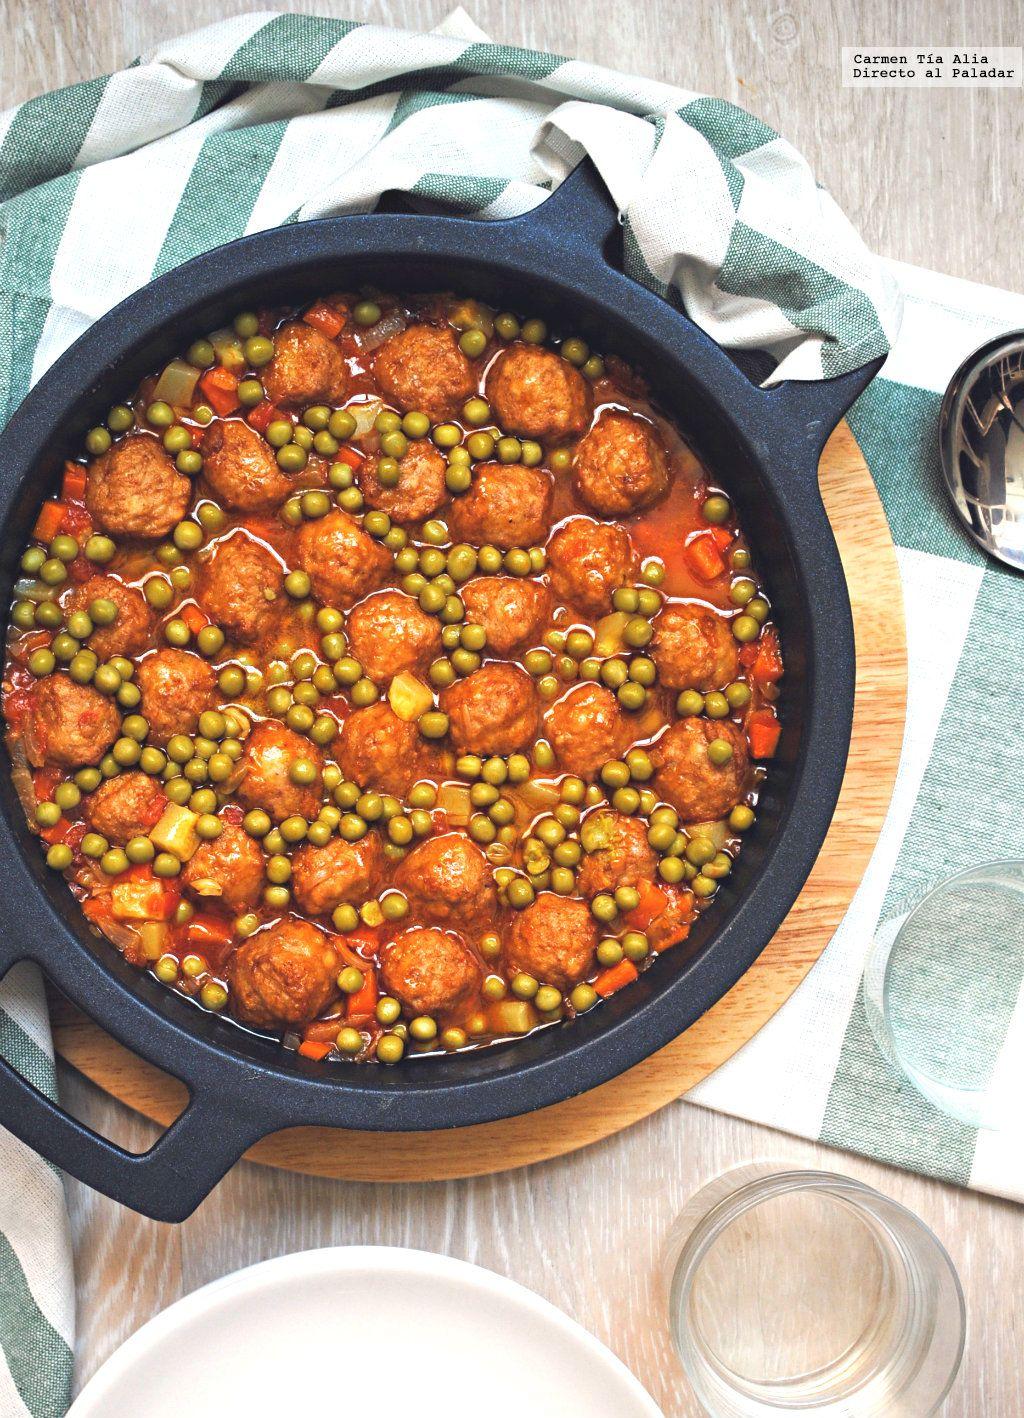 Alb ndigas en salsa de verduras la carne soy especial y - Guarnicion para albondigas ...